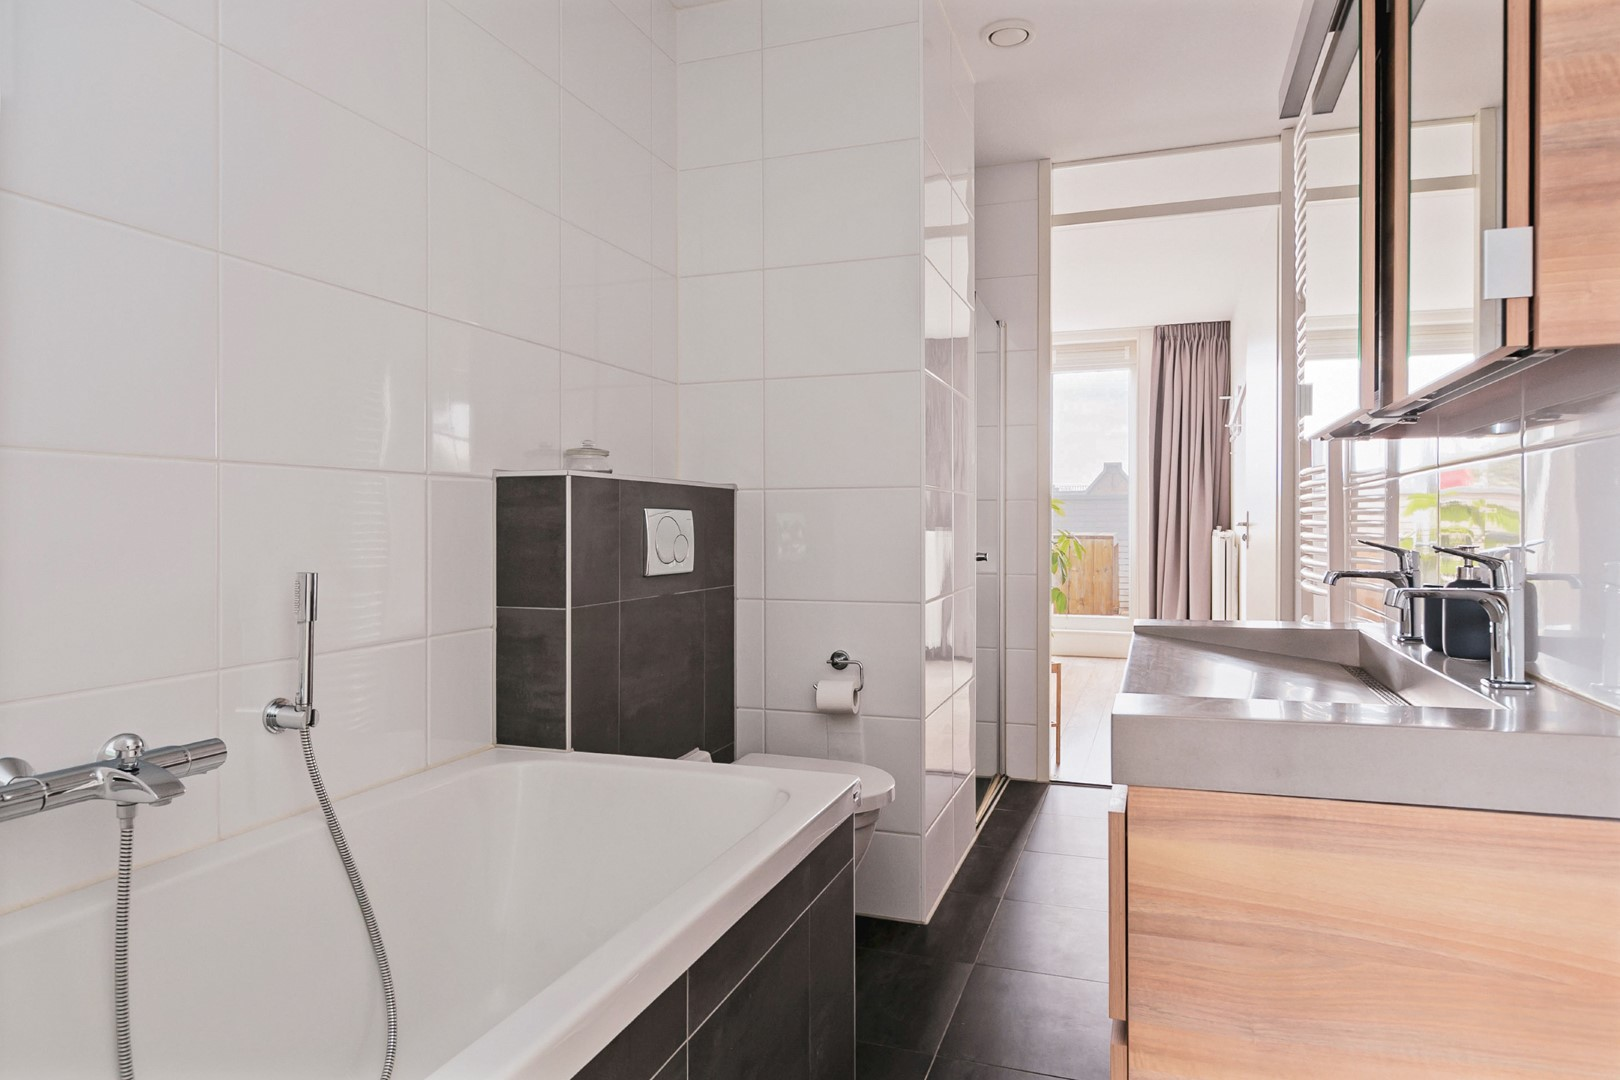 Eerste Jan van der Heijdenstraat 131 G, Amsterdam, Noord-Holland Nederland, 2 Bedrooms Bedrooms, ,1 BathroomBathrooms,Apartment,For Rent,Eerste Jan van der Heijdenstraat,4,1306